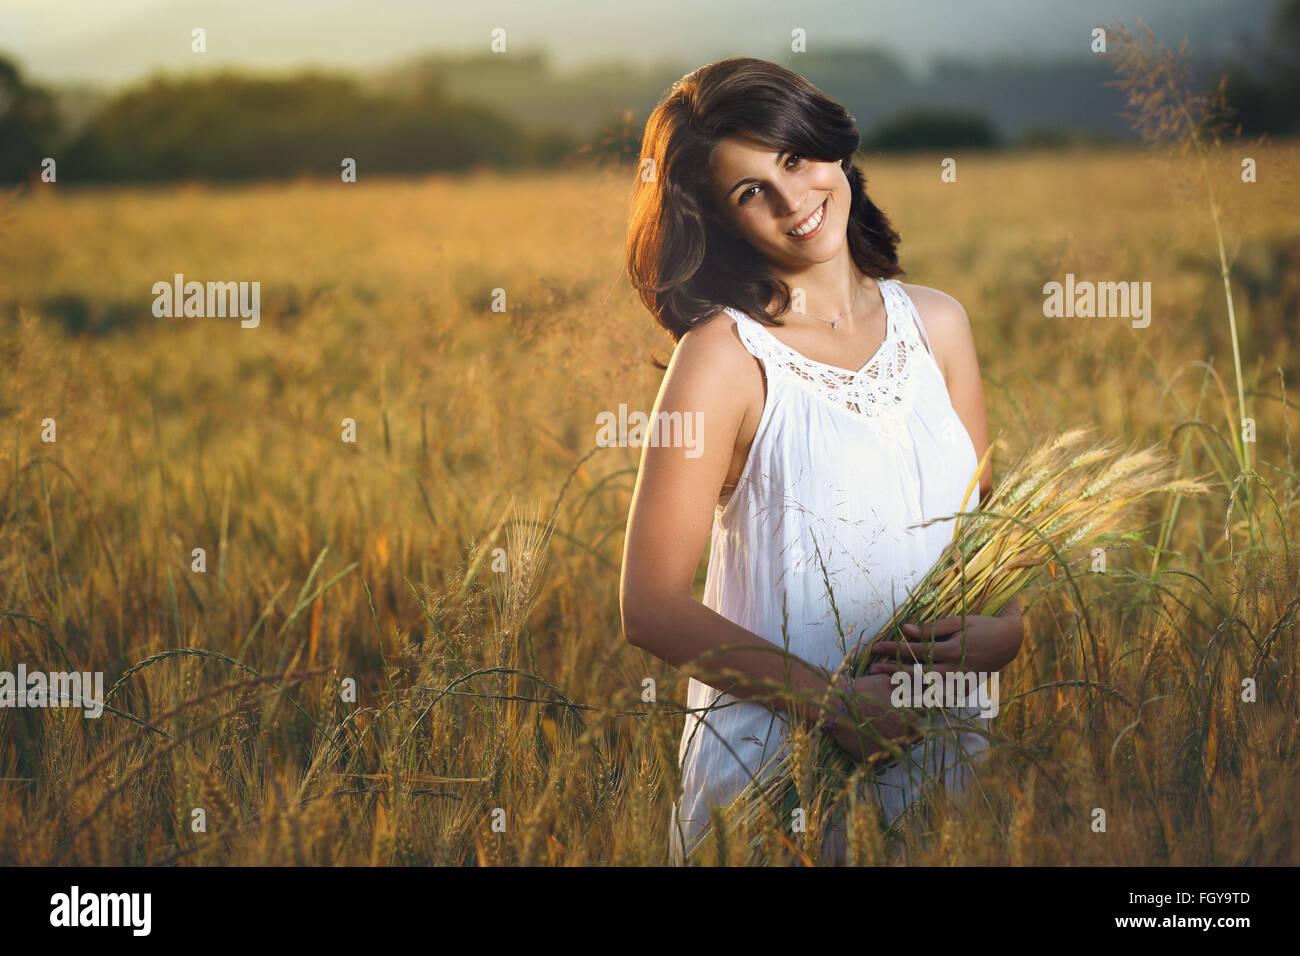 Hermosa mujer sonriente en un campo dorado al atardecer. Temporada de verano retrato Imagen De Stock